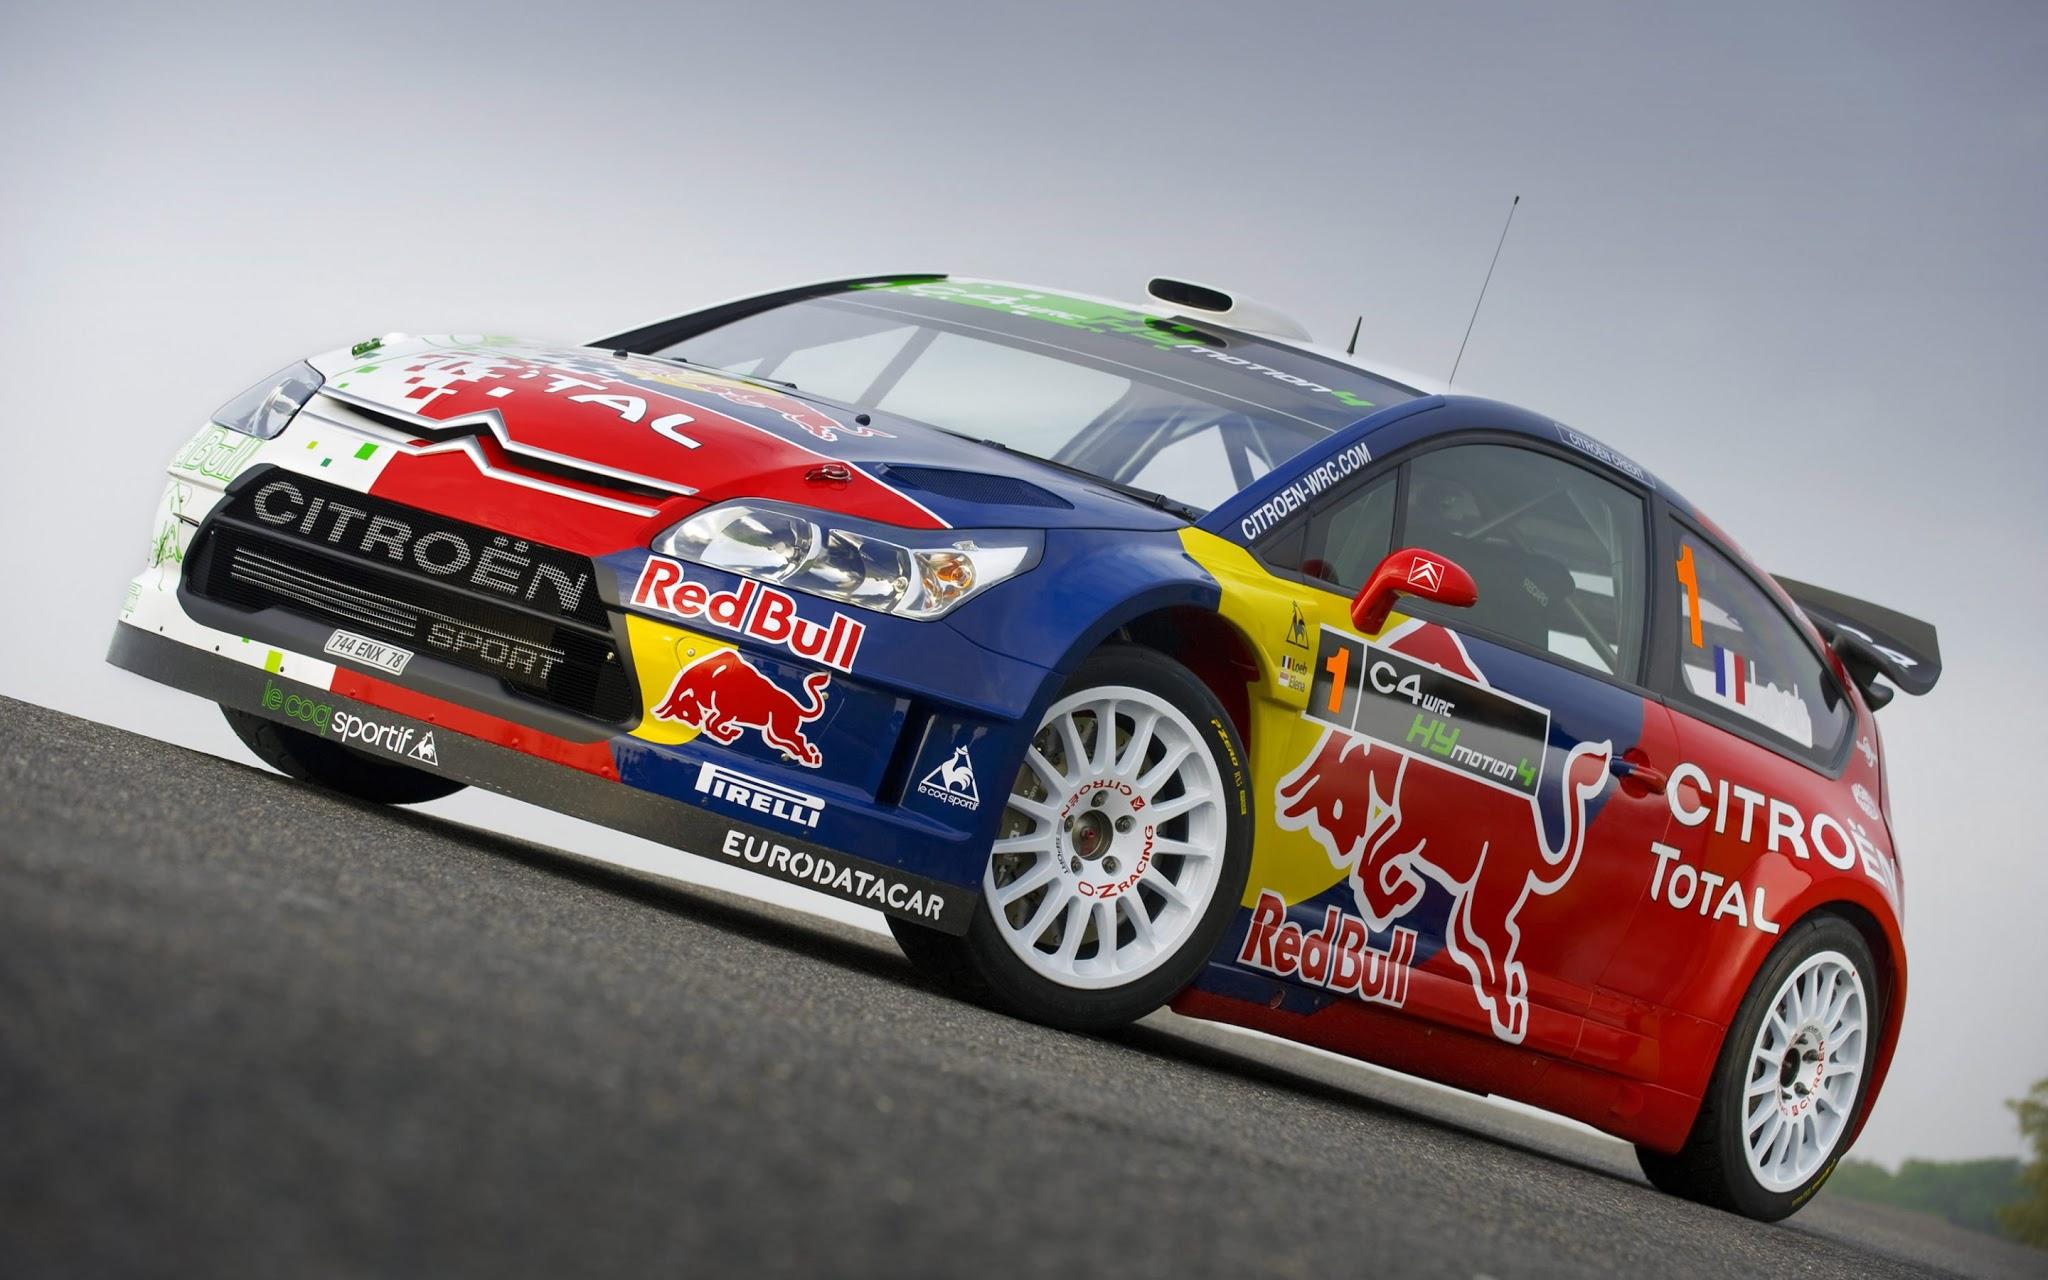 HD Rally Car Wallpaper - WallpaperSafari